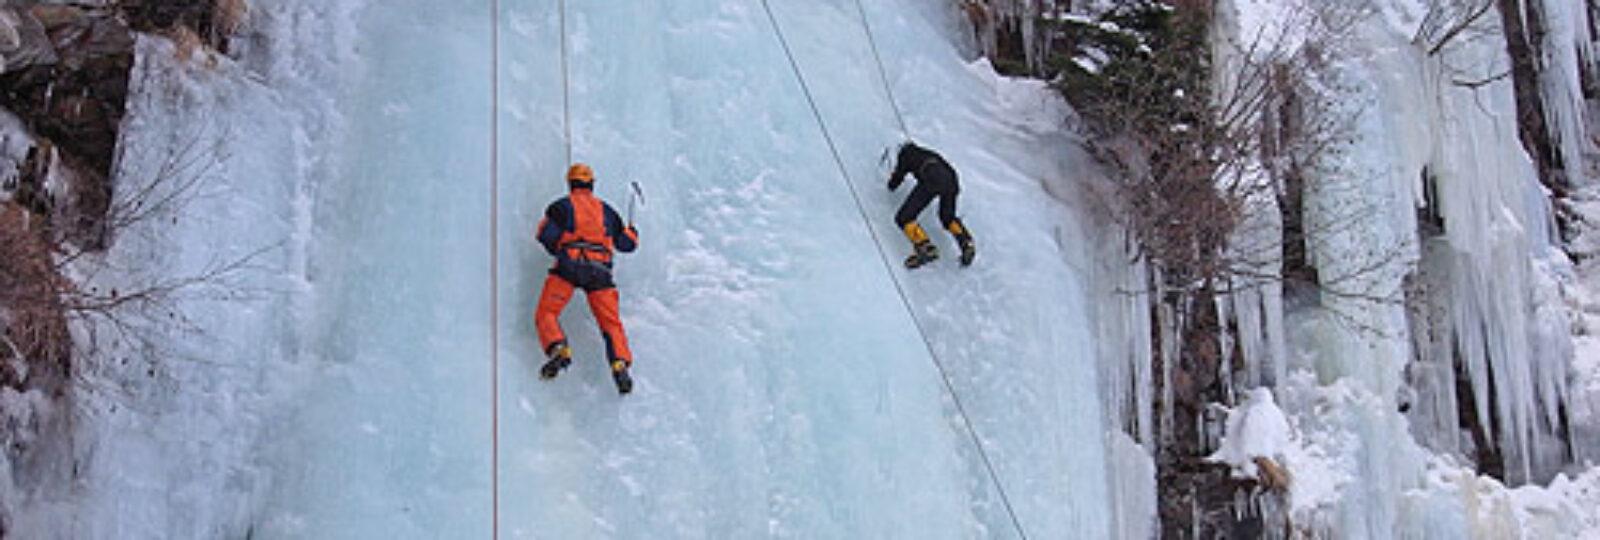 Prove di arrampicata su ghiaccio.